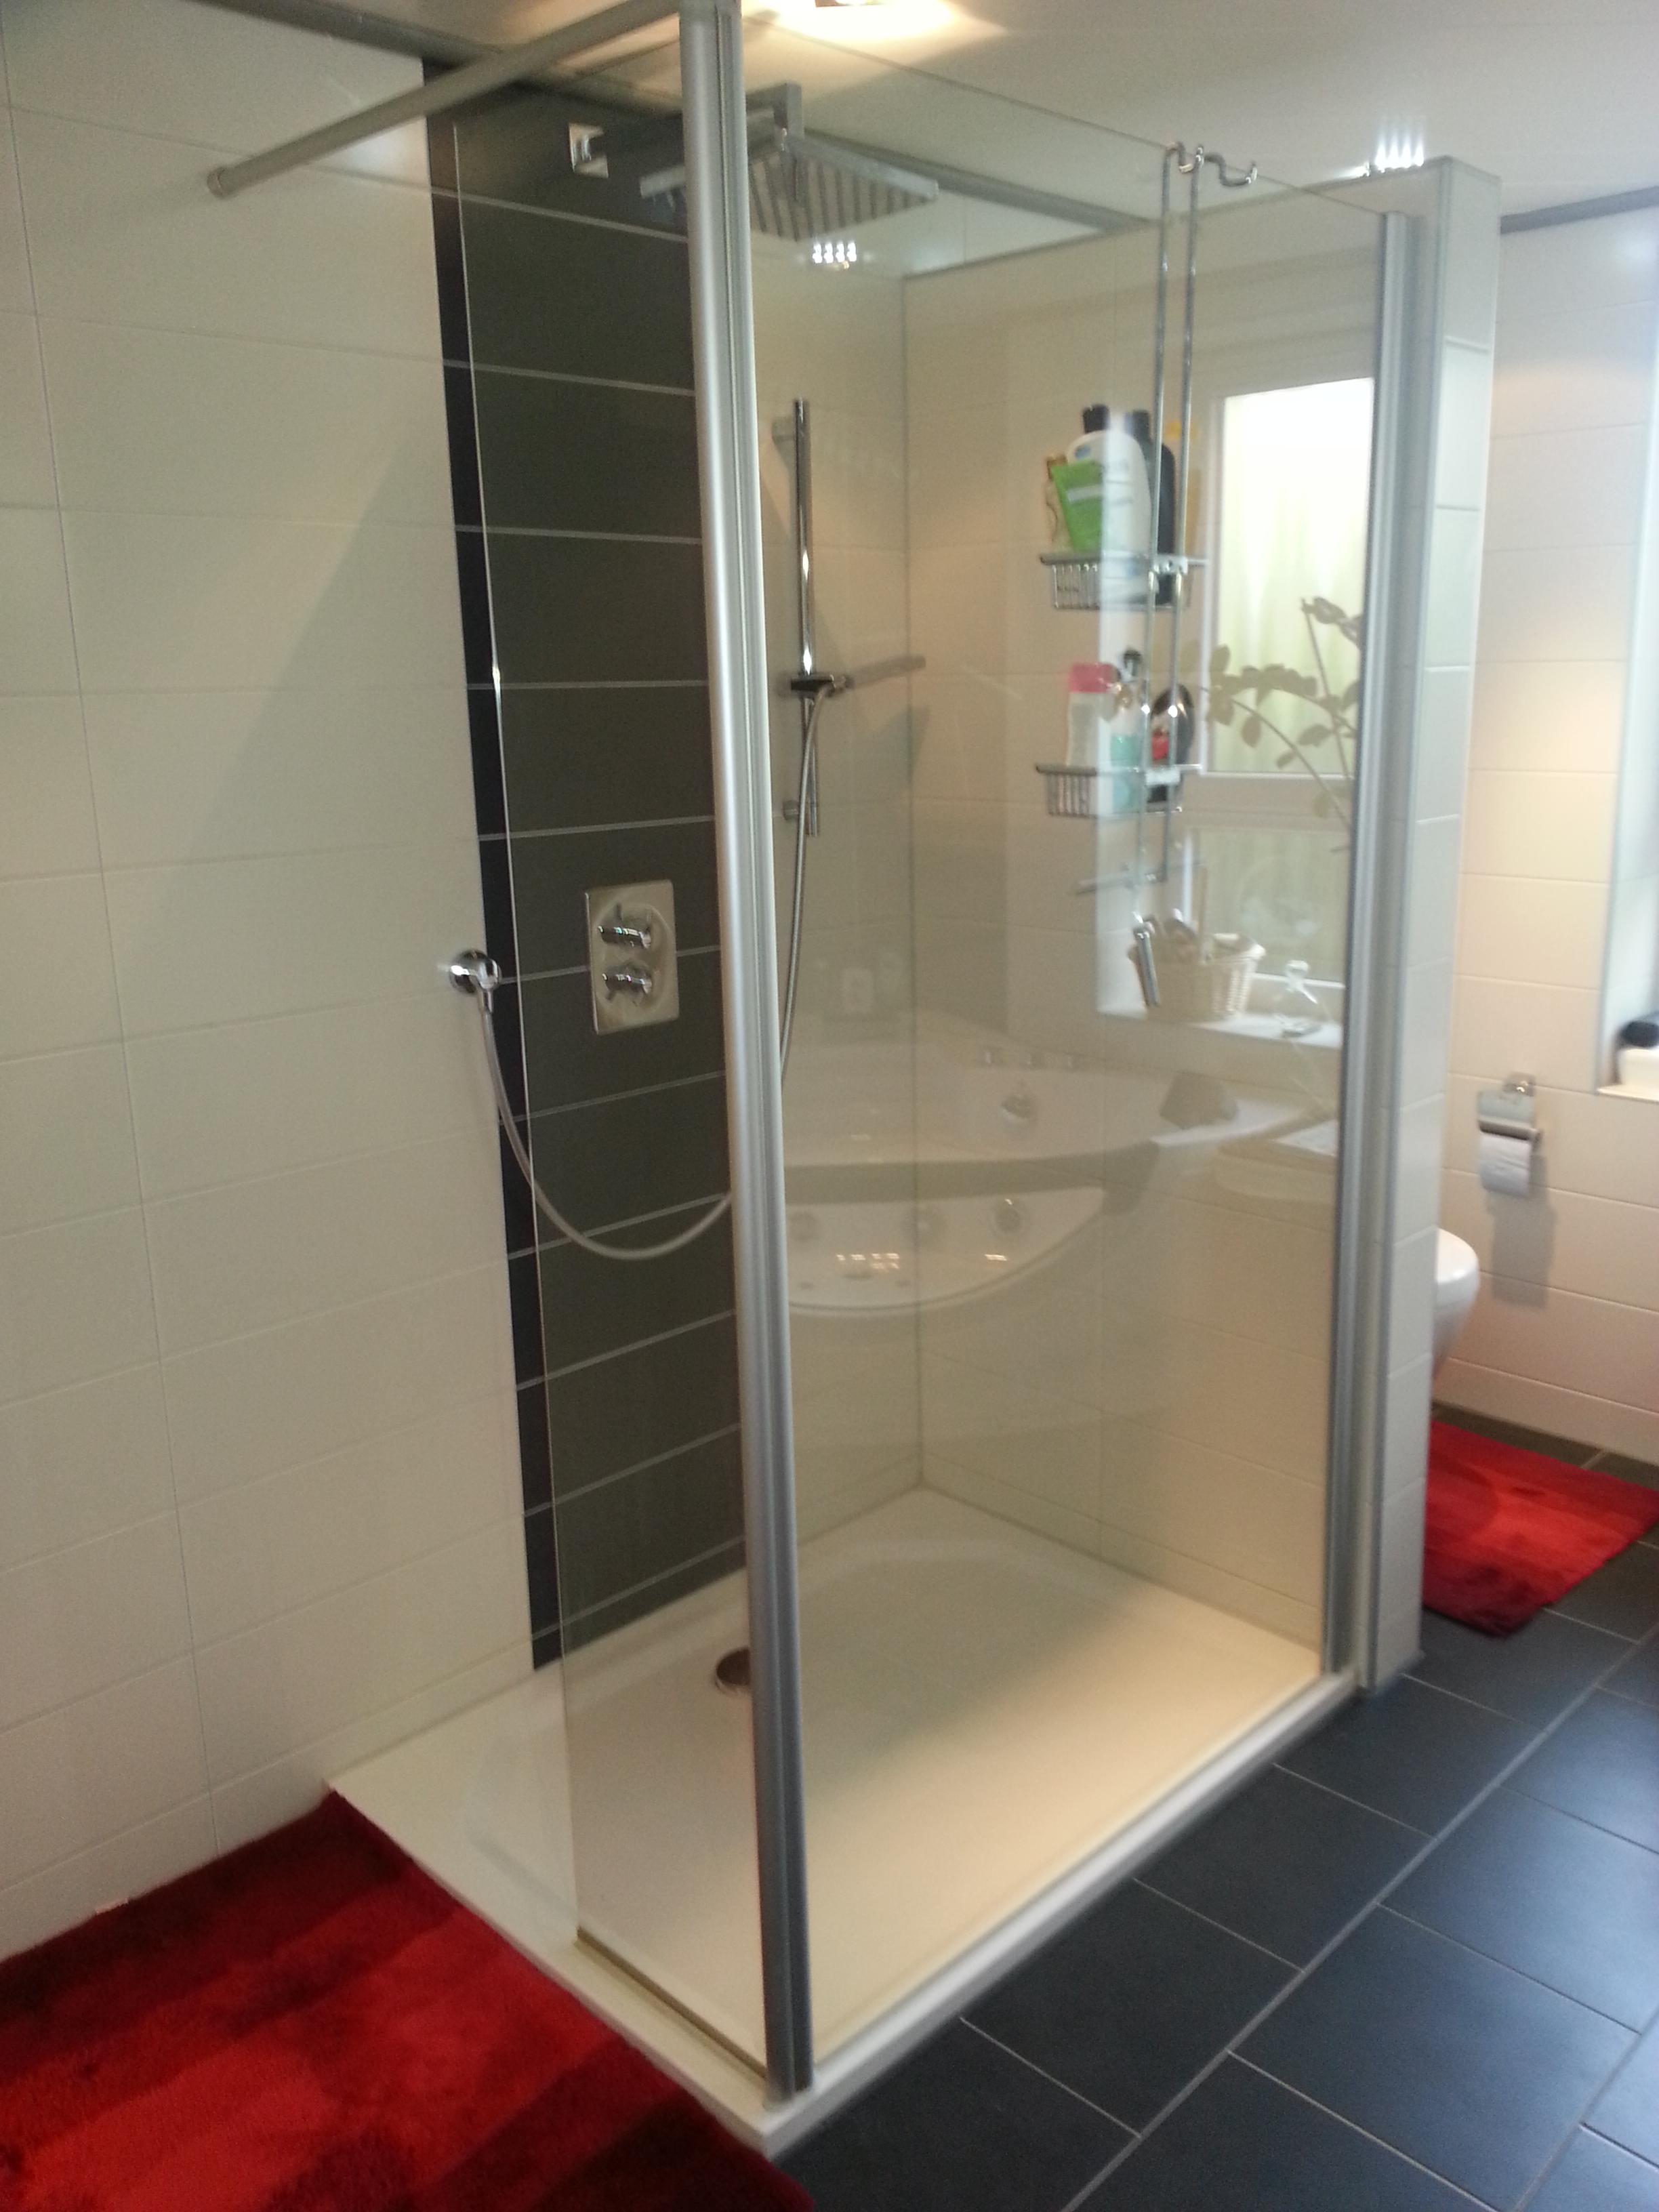 Gerd Nolte Heizung & Sanitär – Badezimmer Walkin Dusche und Puris Badmöbel